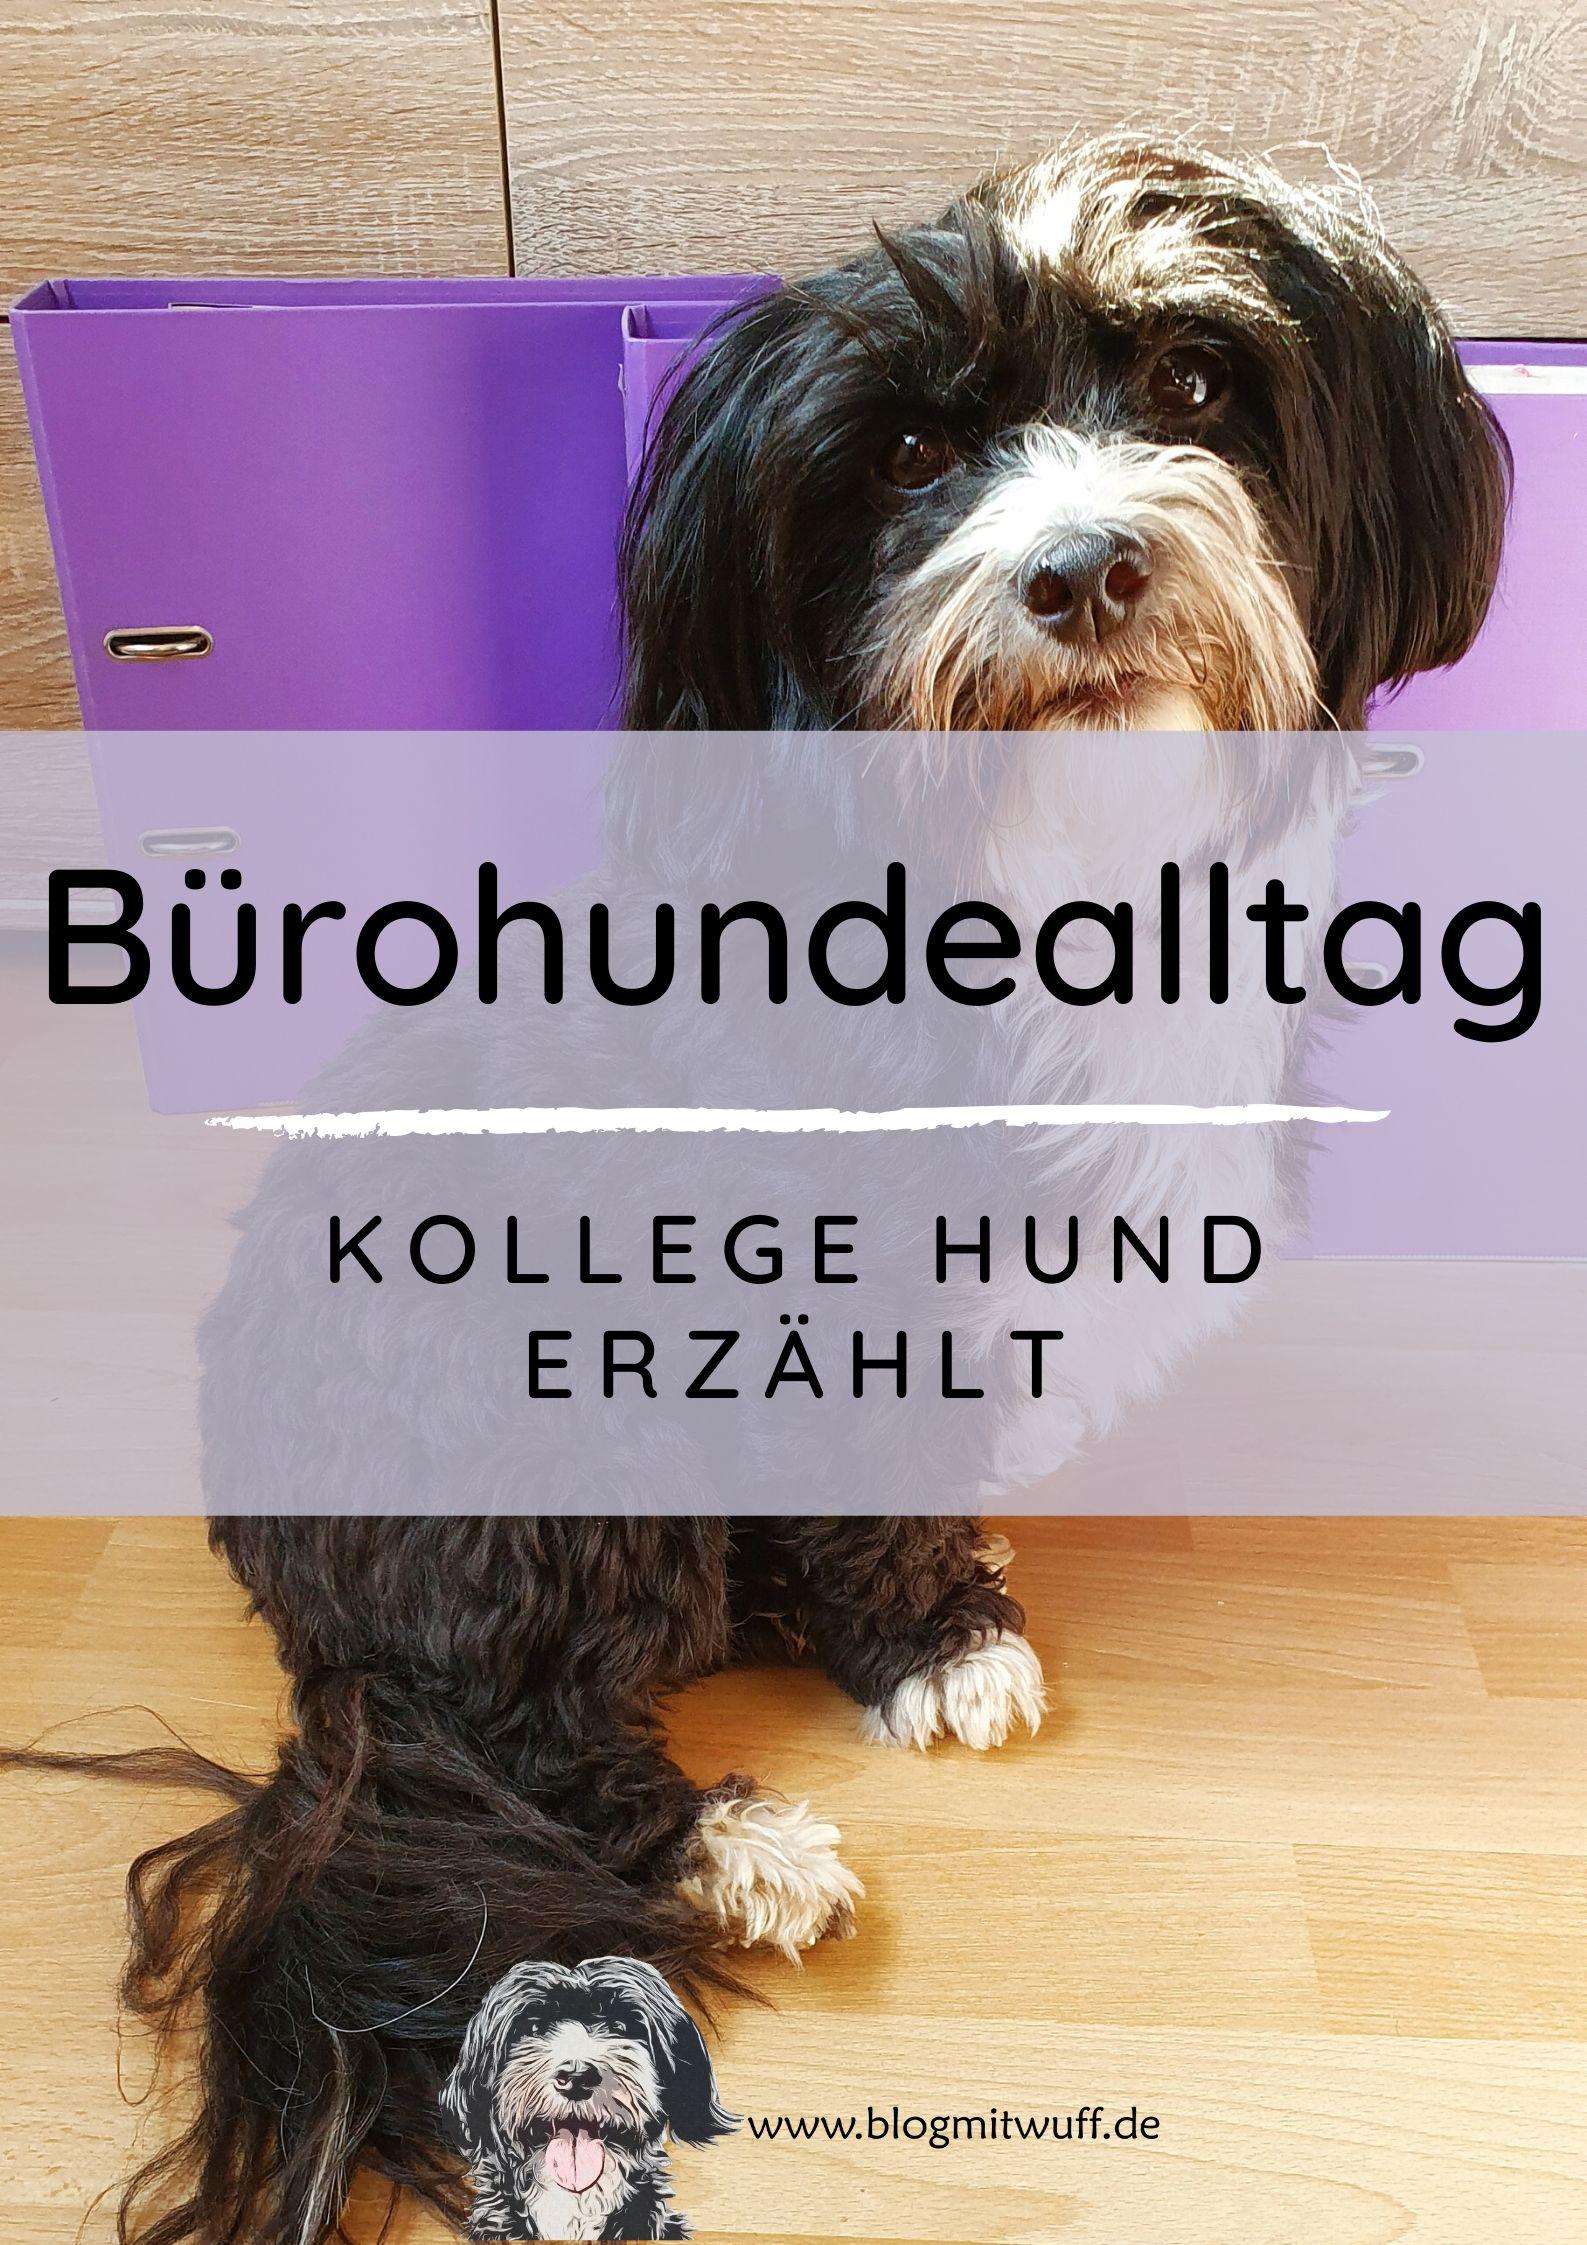 Bürohundealltag – Kollege Hund erzählt